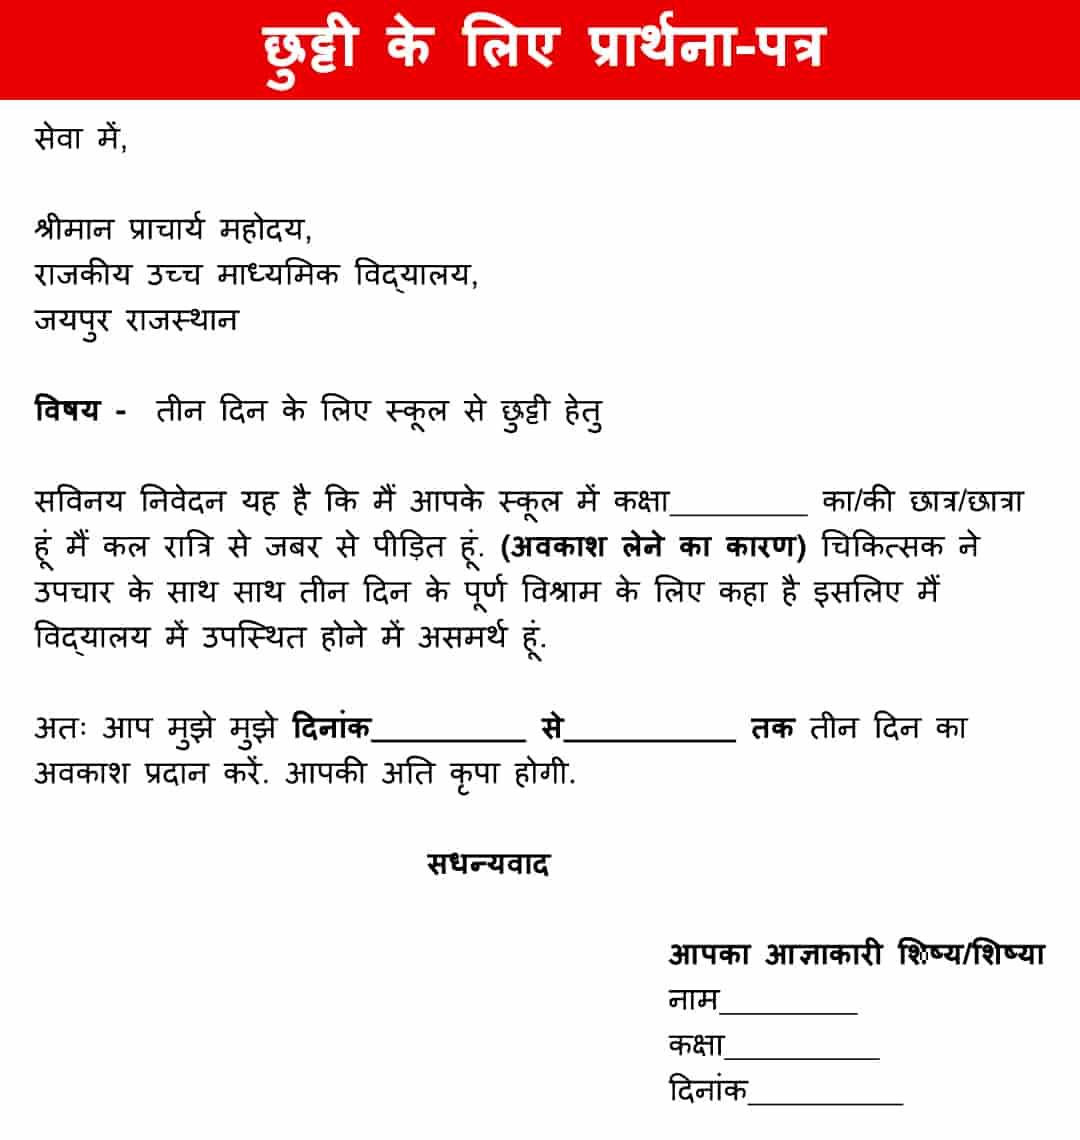 Chutti ke Liye Application in Hindi